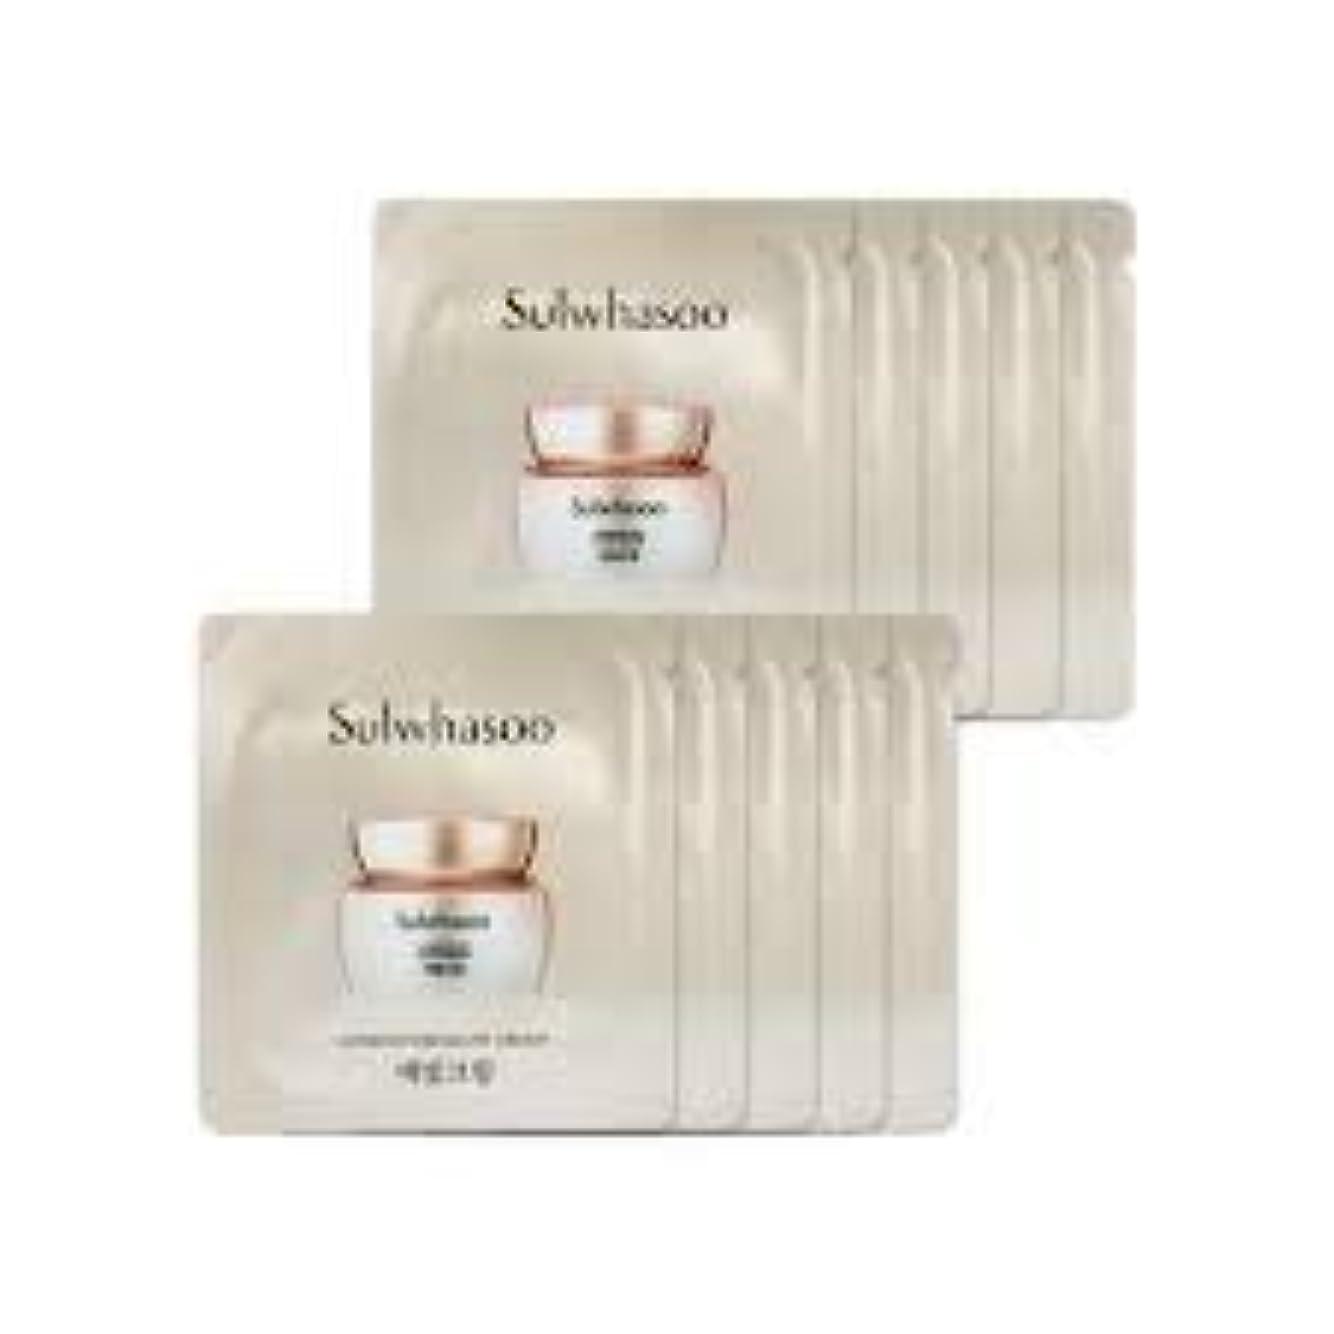 文言ダイヤル作物[ソルファス ] Sulwhasoo (雪花秀) ルミナチュアグロー Luminature Glow Cream 1ml x 30 (イェビトクリーム) [ShopMaster1]